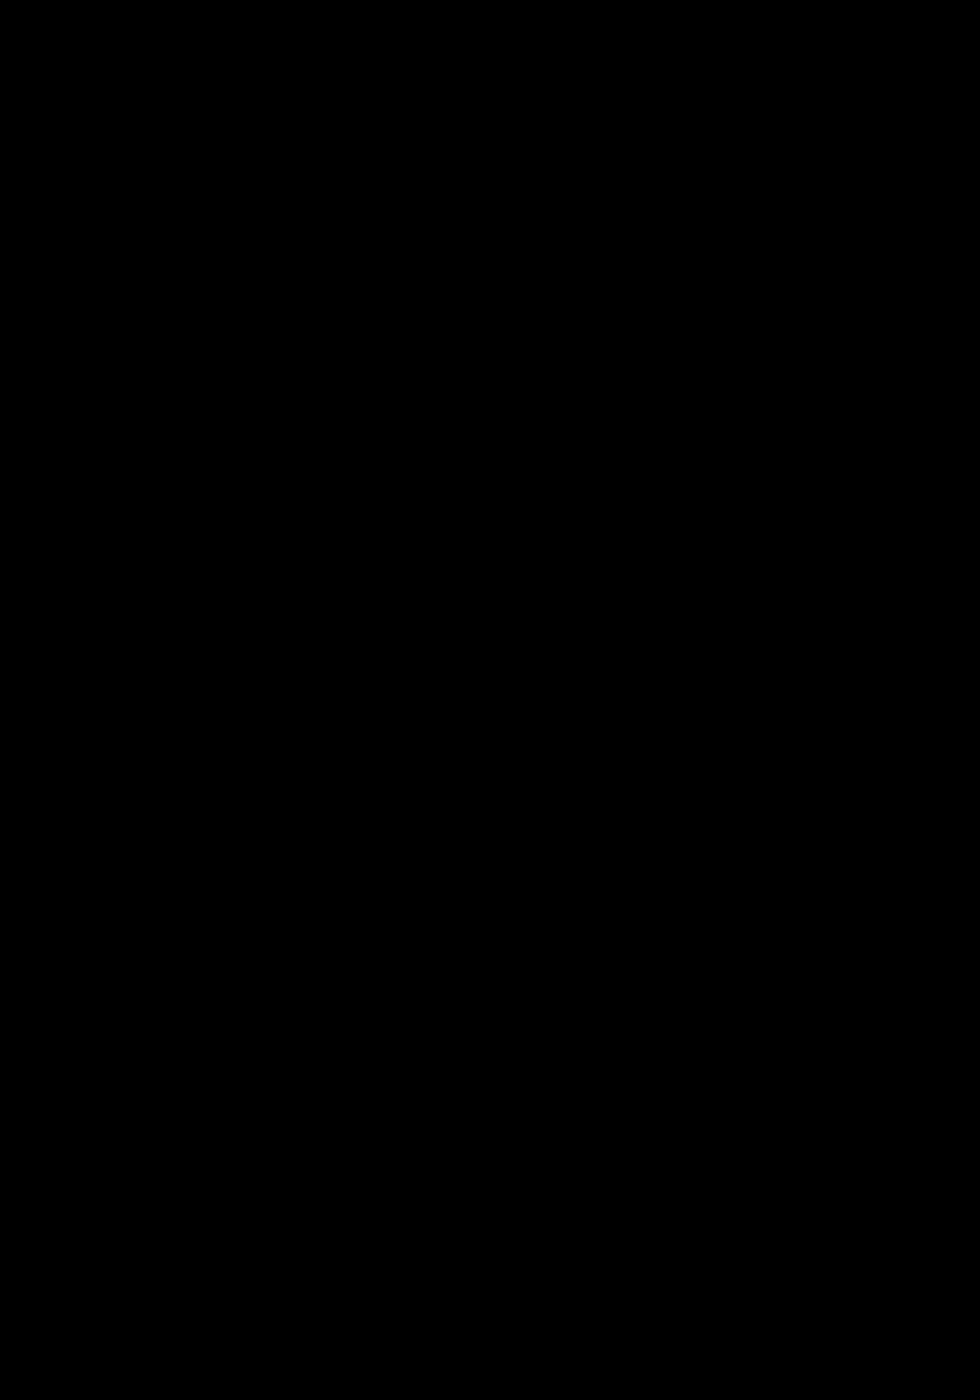 980x1400 Pixilart